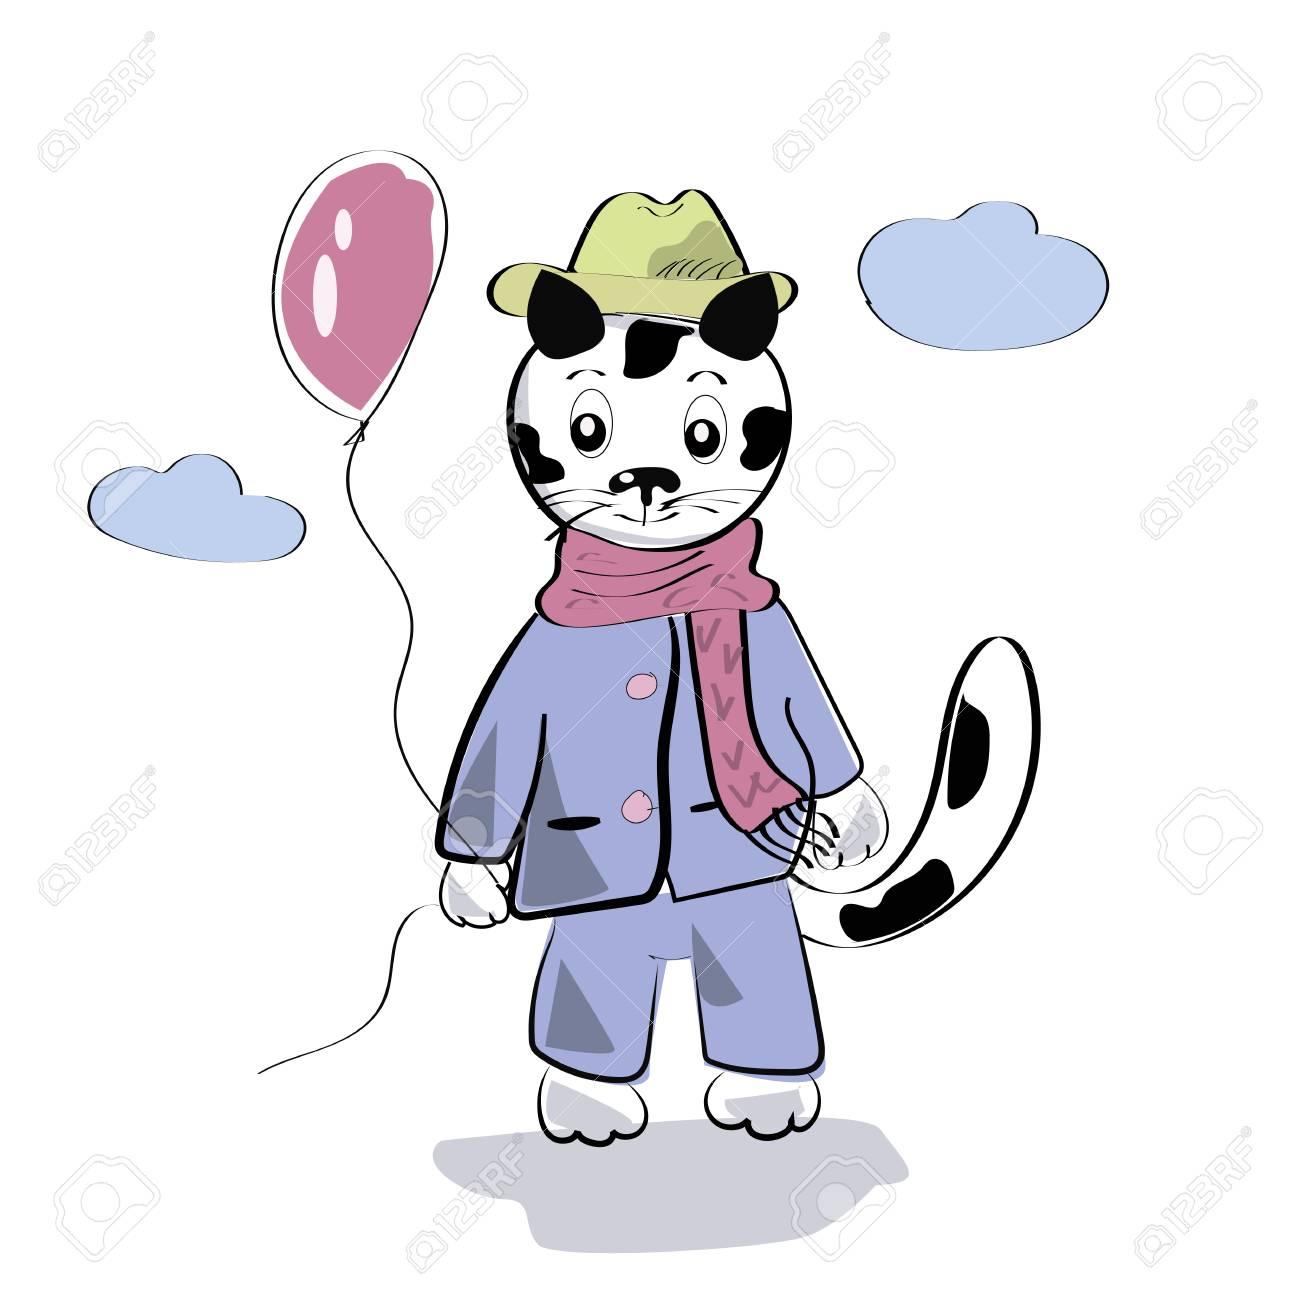 Vettoriale Piccolo Gatto Sveglio Con Fumetto Palloncino